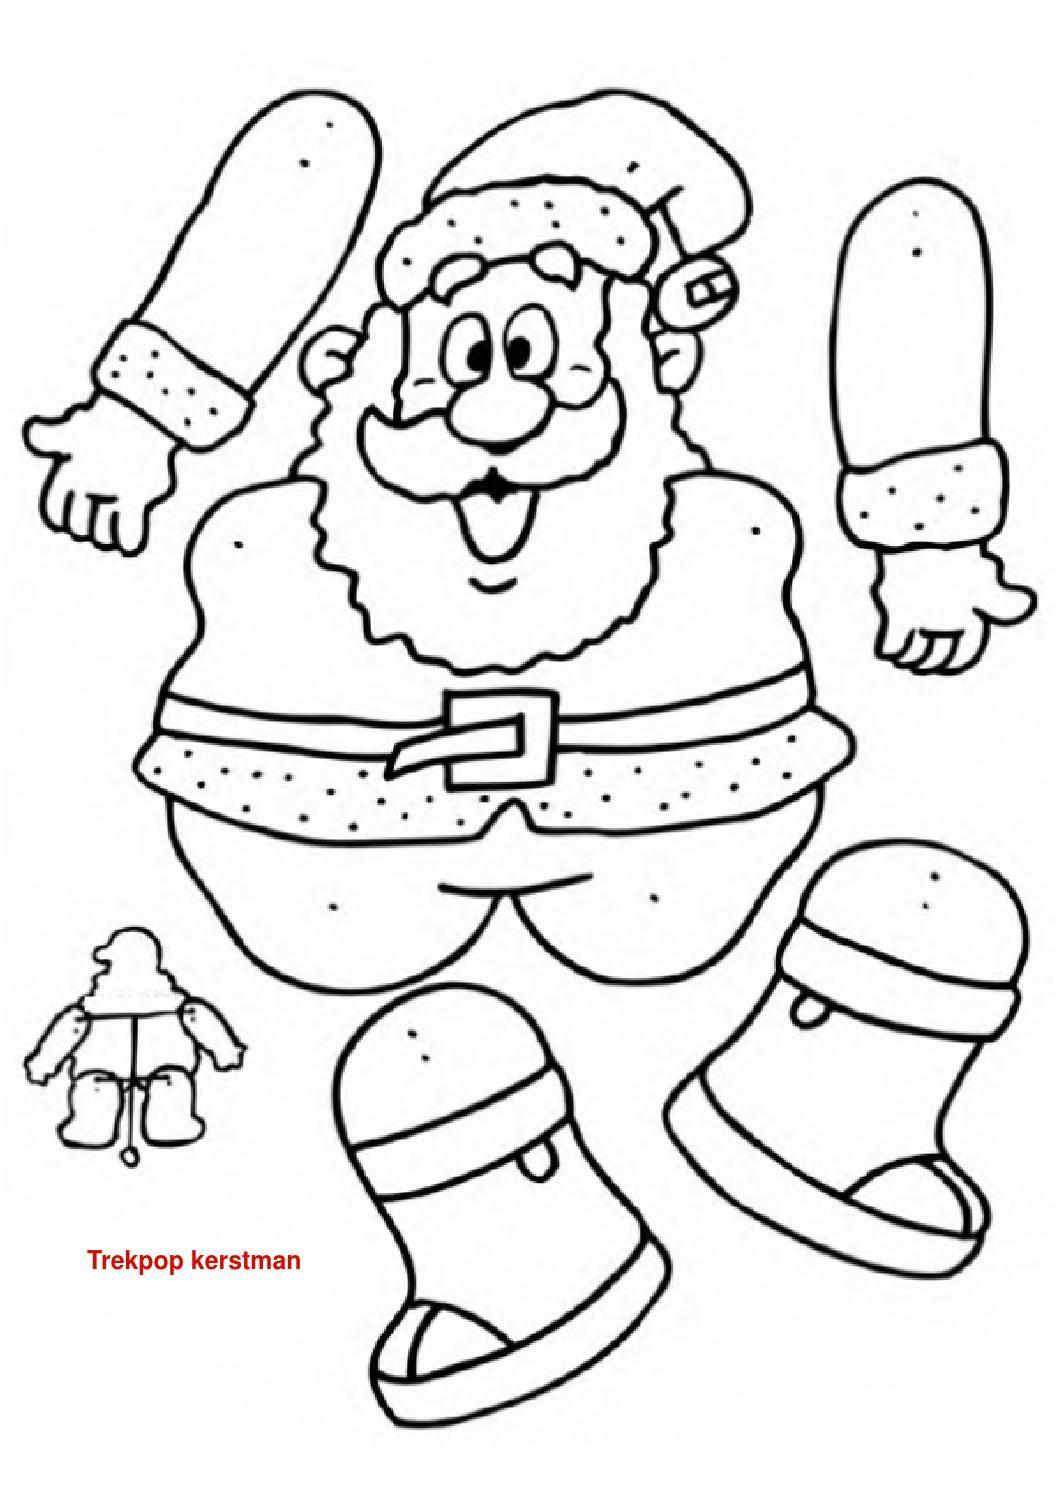 Kerstman Werkboek Met Werkbladen Samengesteld Door Schoolgoochelaar Aarnoud Agricola Kinderen Kerstmis Knutselen Kerst Knutselen Kinderen Kerstmis